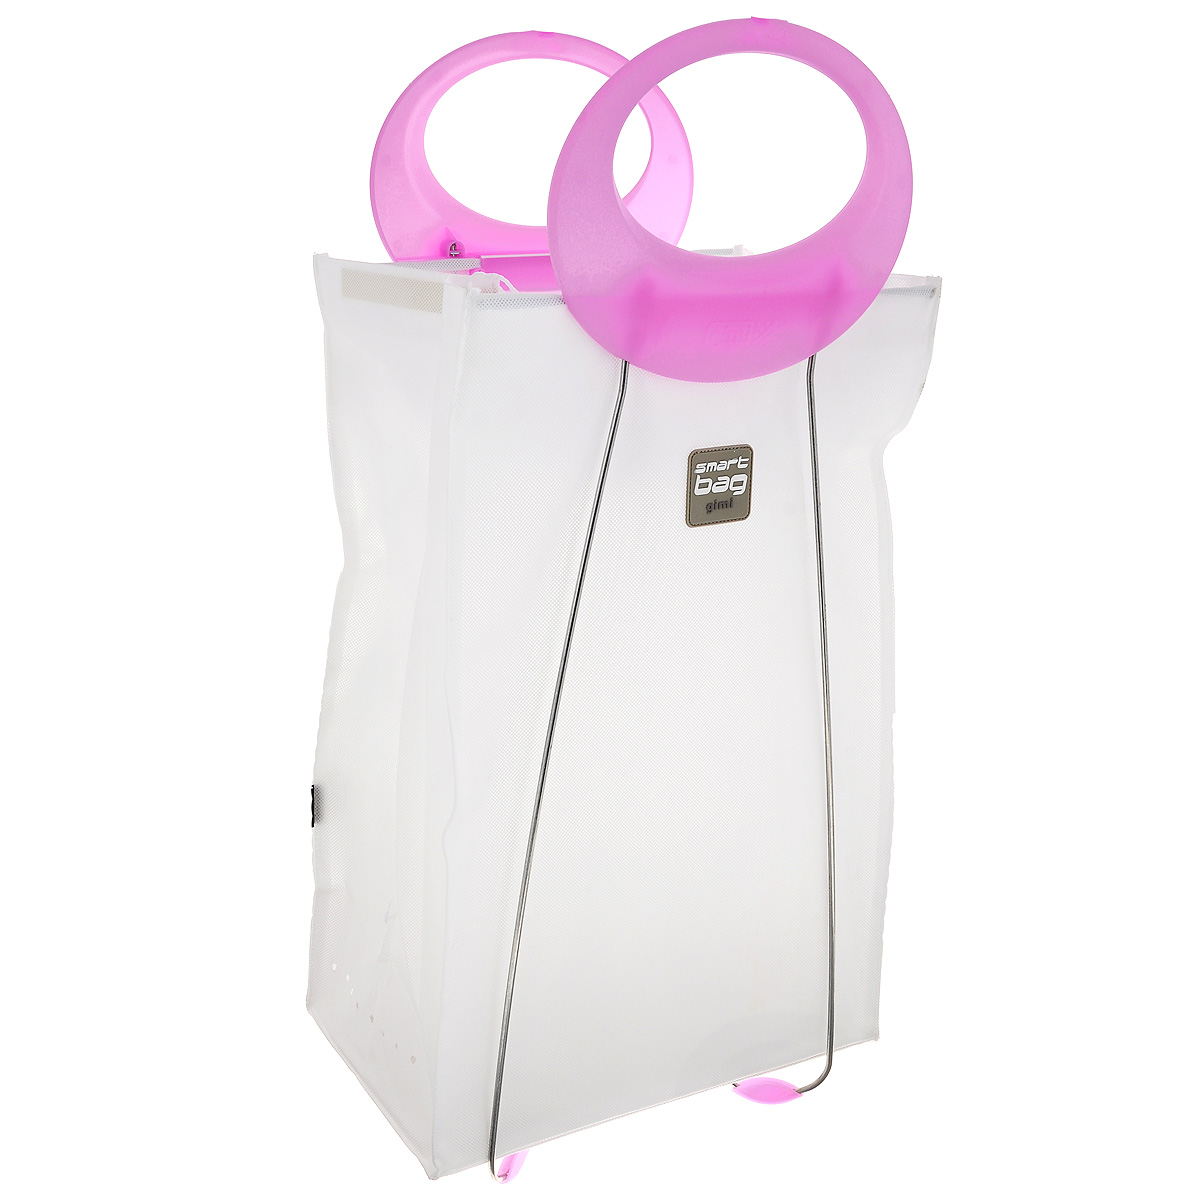 Корзина для белья Gimi Carlotta, цвет: белый, розовый, 39 см х 24 см х 78 см16740760_розовыйКорзина Gimi Carlotta, изготовленная из текстиля, предназначена для хранения белья. Каркас корзины выполнен из стали, благодаря чему она хорошо держит форму. Наверху у корзины имеются шнурки, завязав которые, можно скрыть содержимое корзины. В такой корзине удобно переносить белье в химчистку, так как она оснащена эргономичными пластиковыми ручками.В сложенном виде занимает минимум пространства. Легко складывается и раскладывается.Размер в сложенном виде: 39 см х 6 см х 78 см.